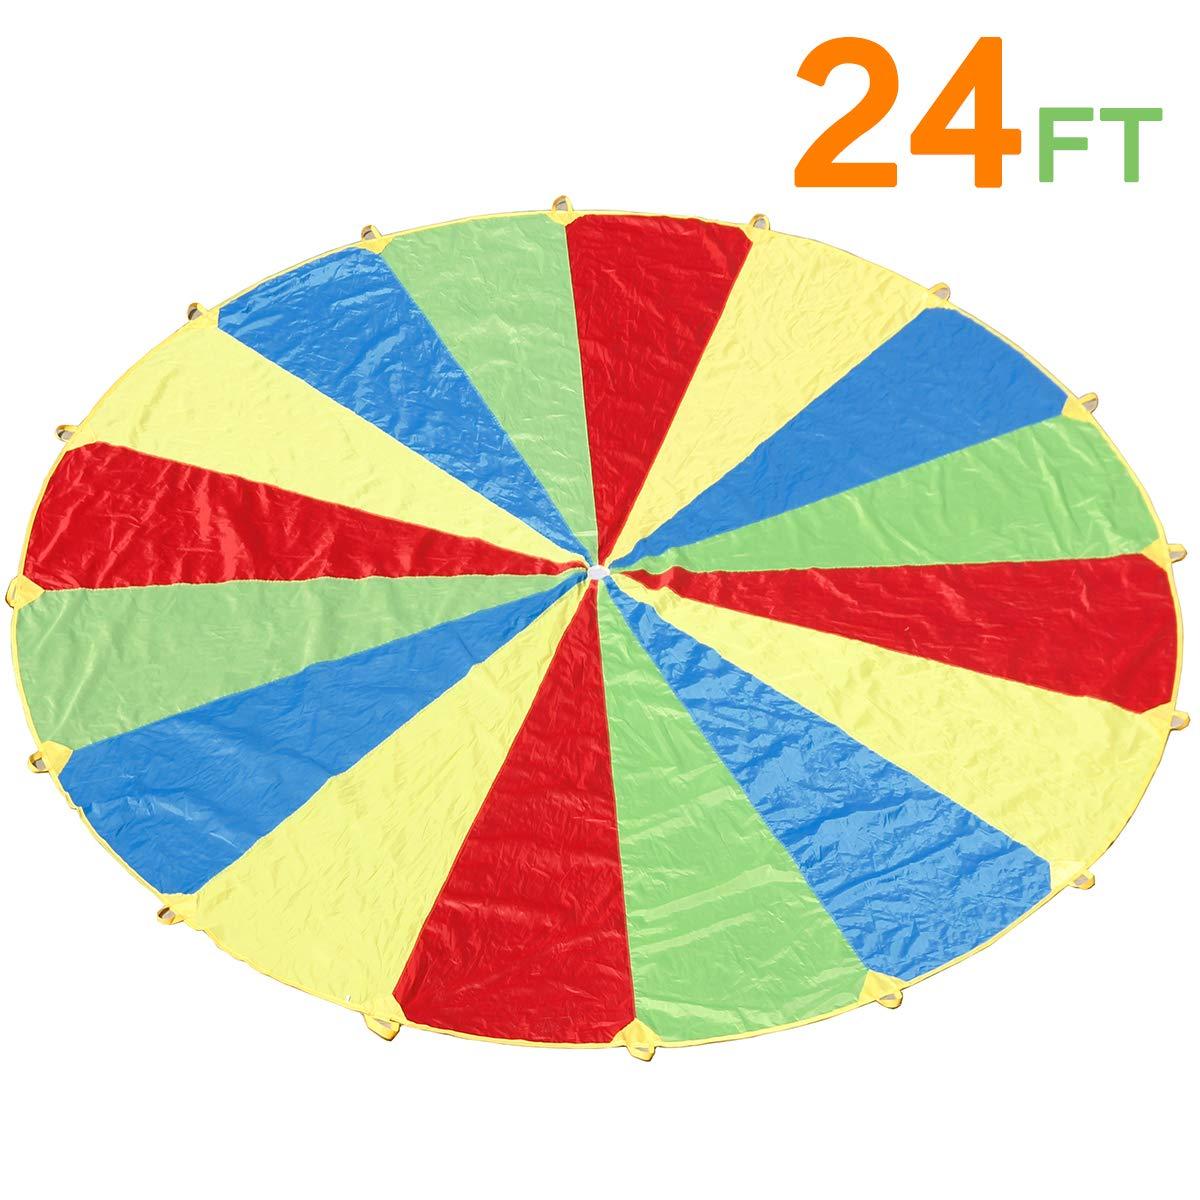 24 parachute.jpg